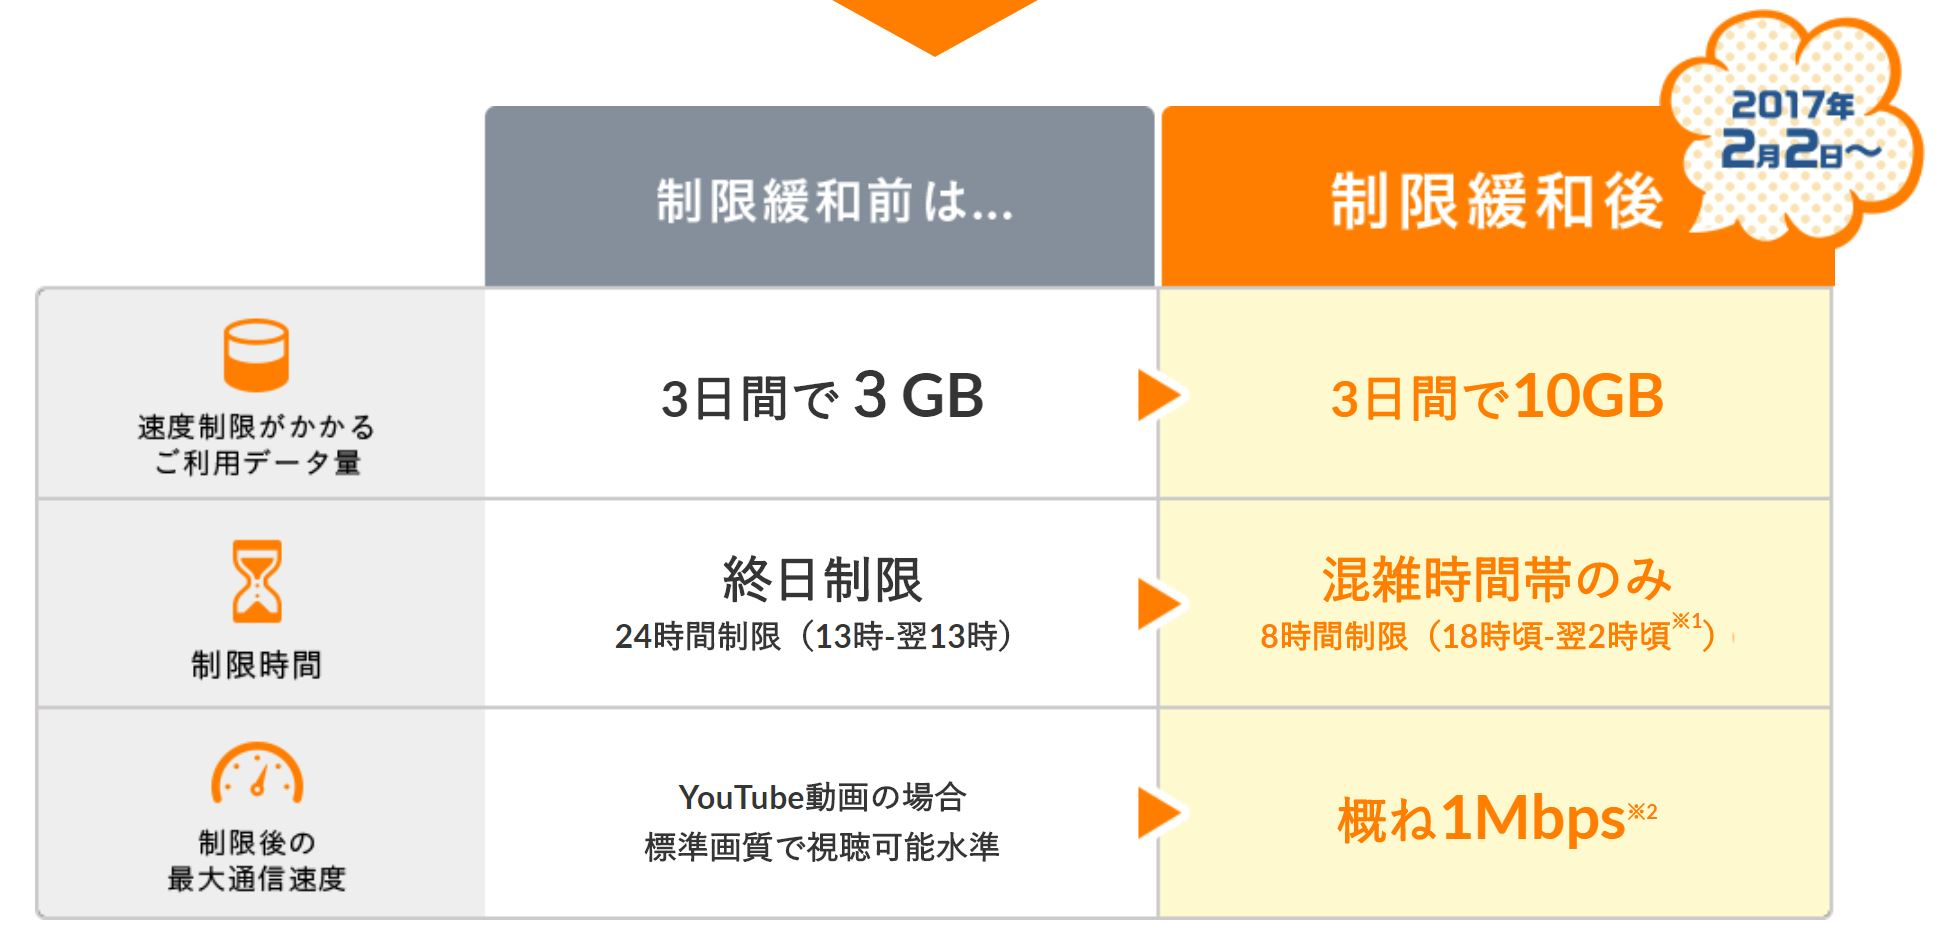 WIMAXの3日間通信制限は2017年2月に緩和され3日間で10GBになった